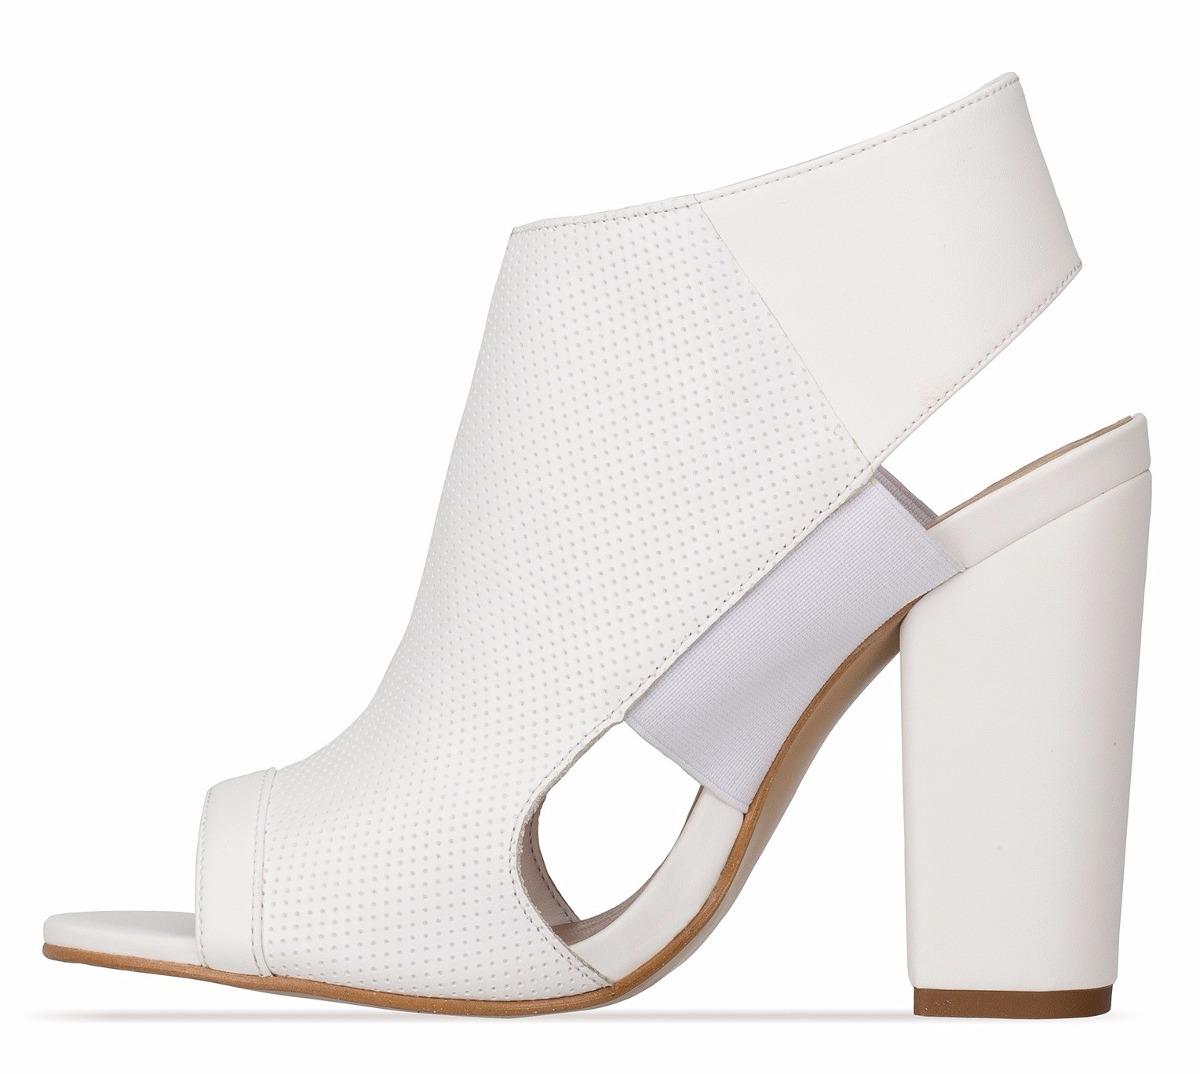 47f6fd0745a zapatillas blancas andrea 2015